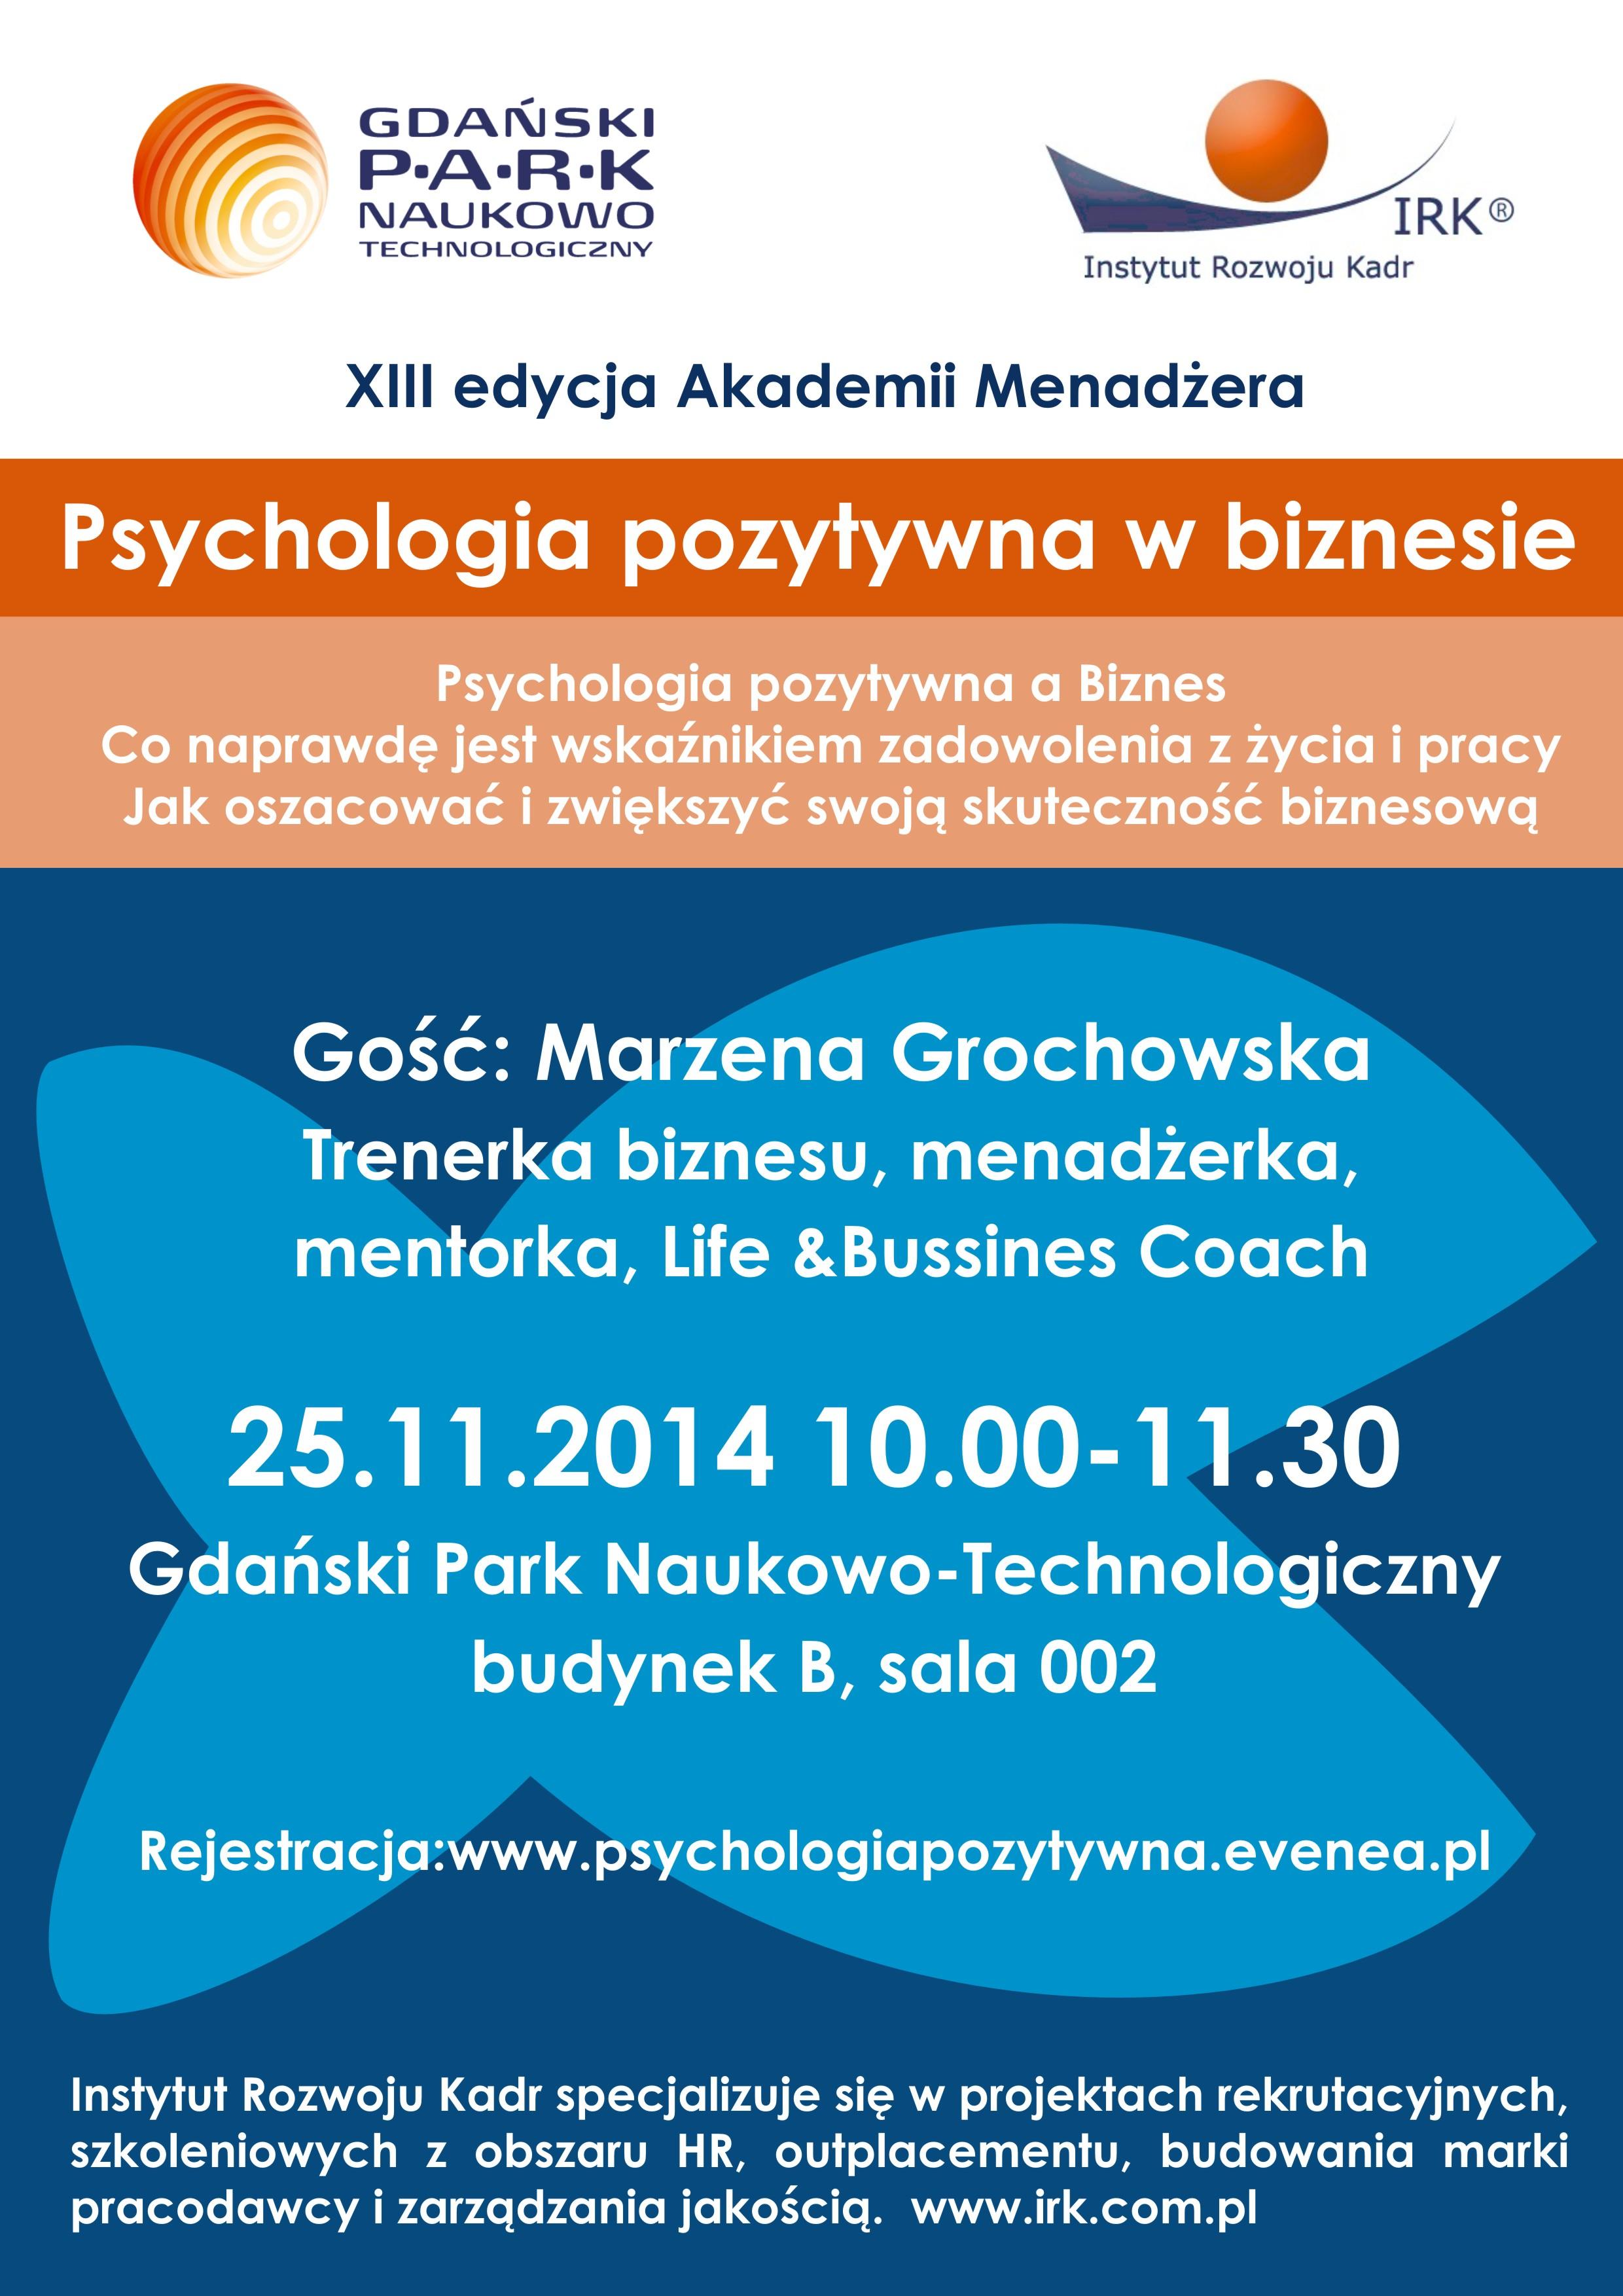 GPNT_Psychologia_Pozytywna_w_biznesie.jpg